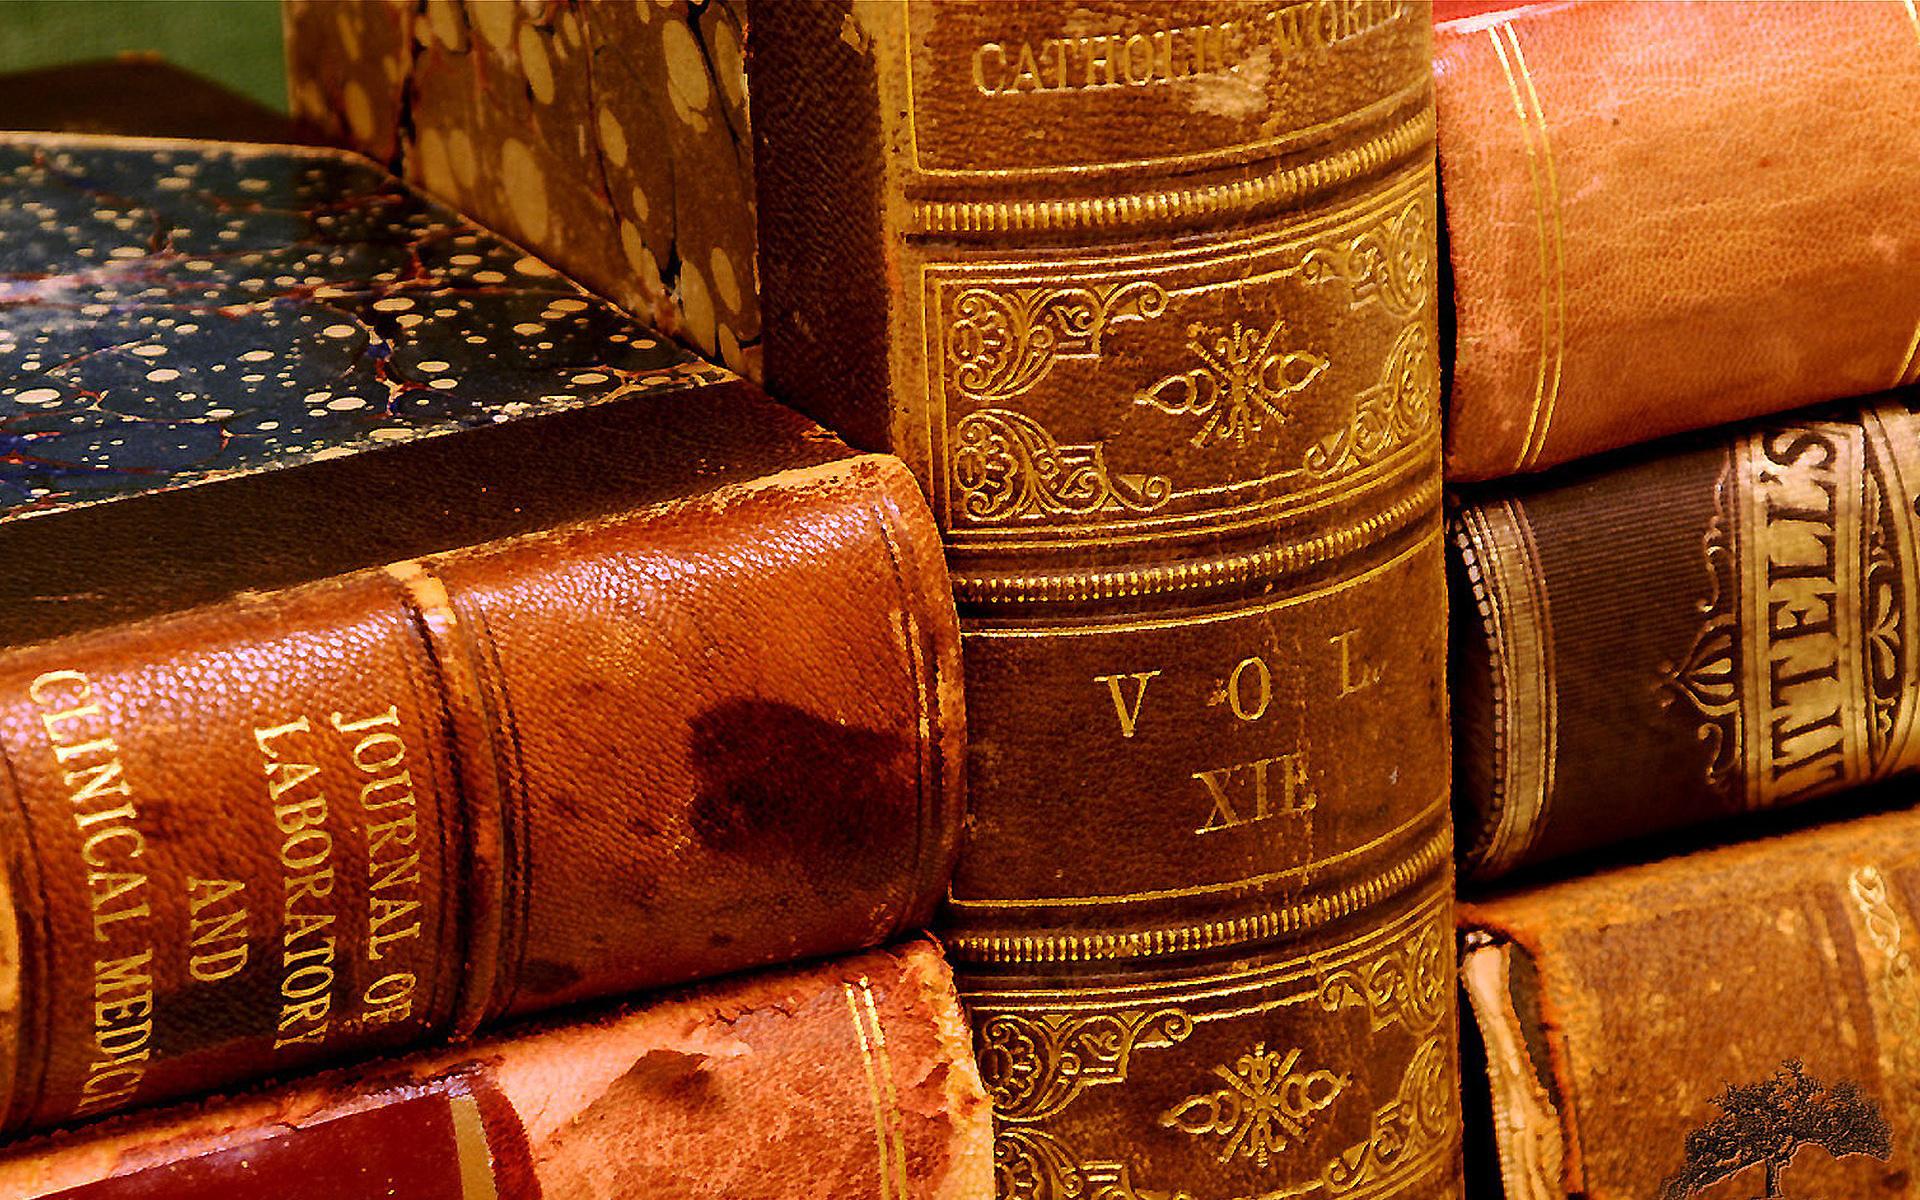 того, картинки древние книги обои влюбитесь